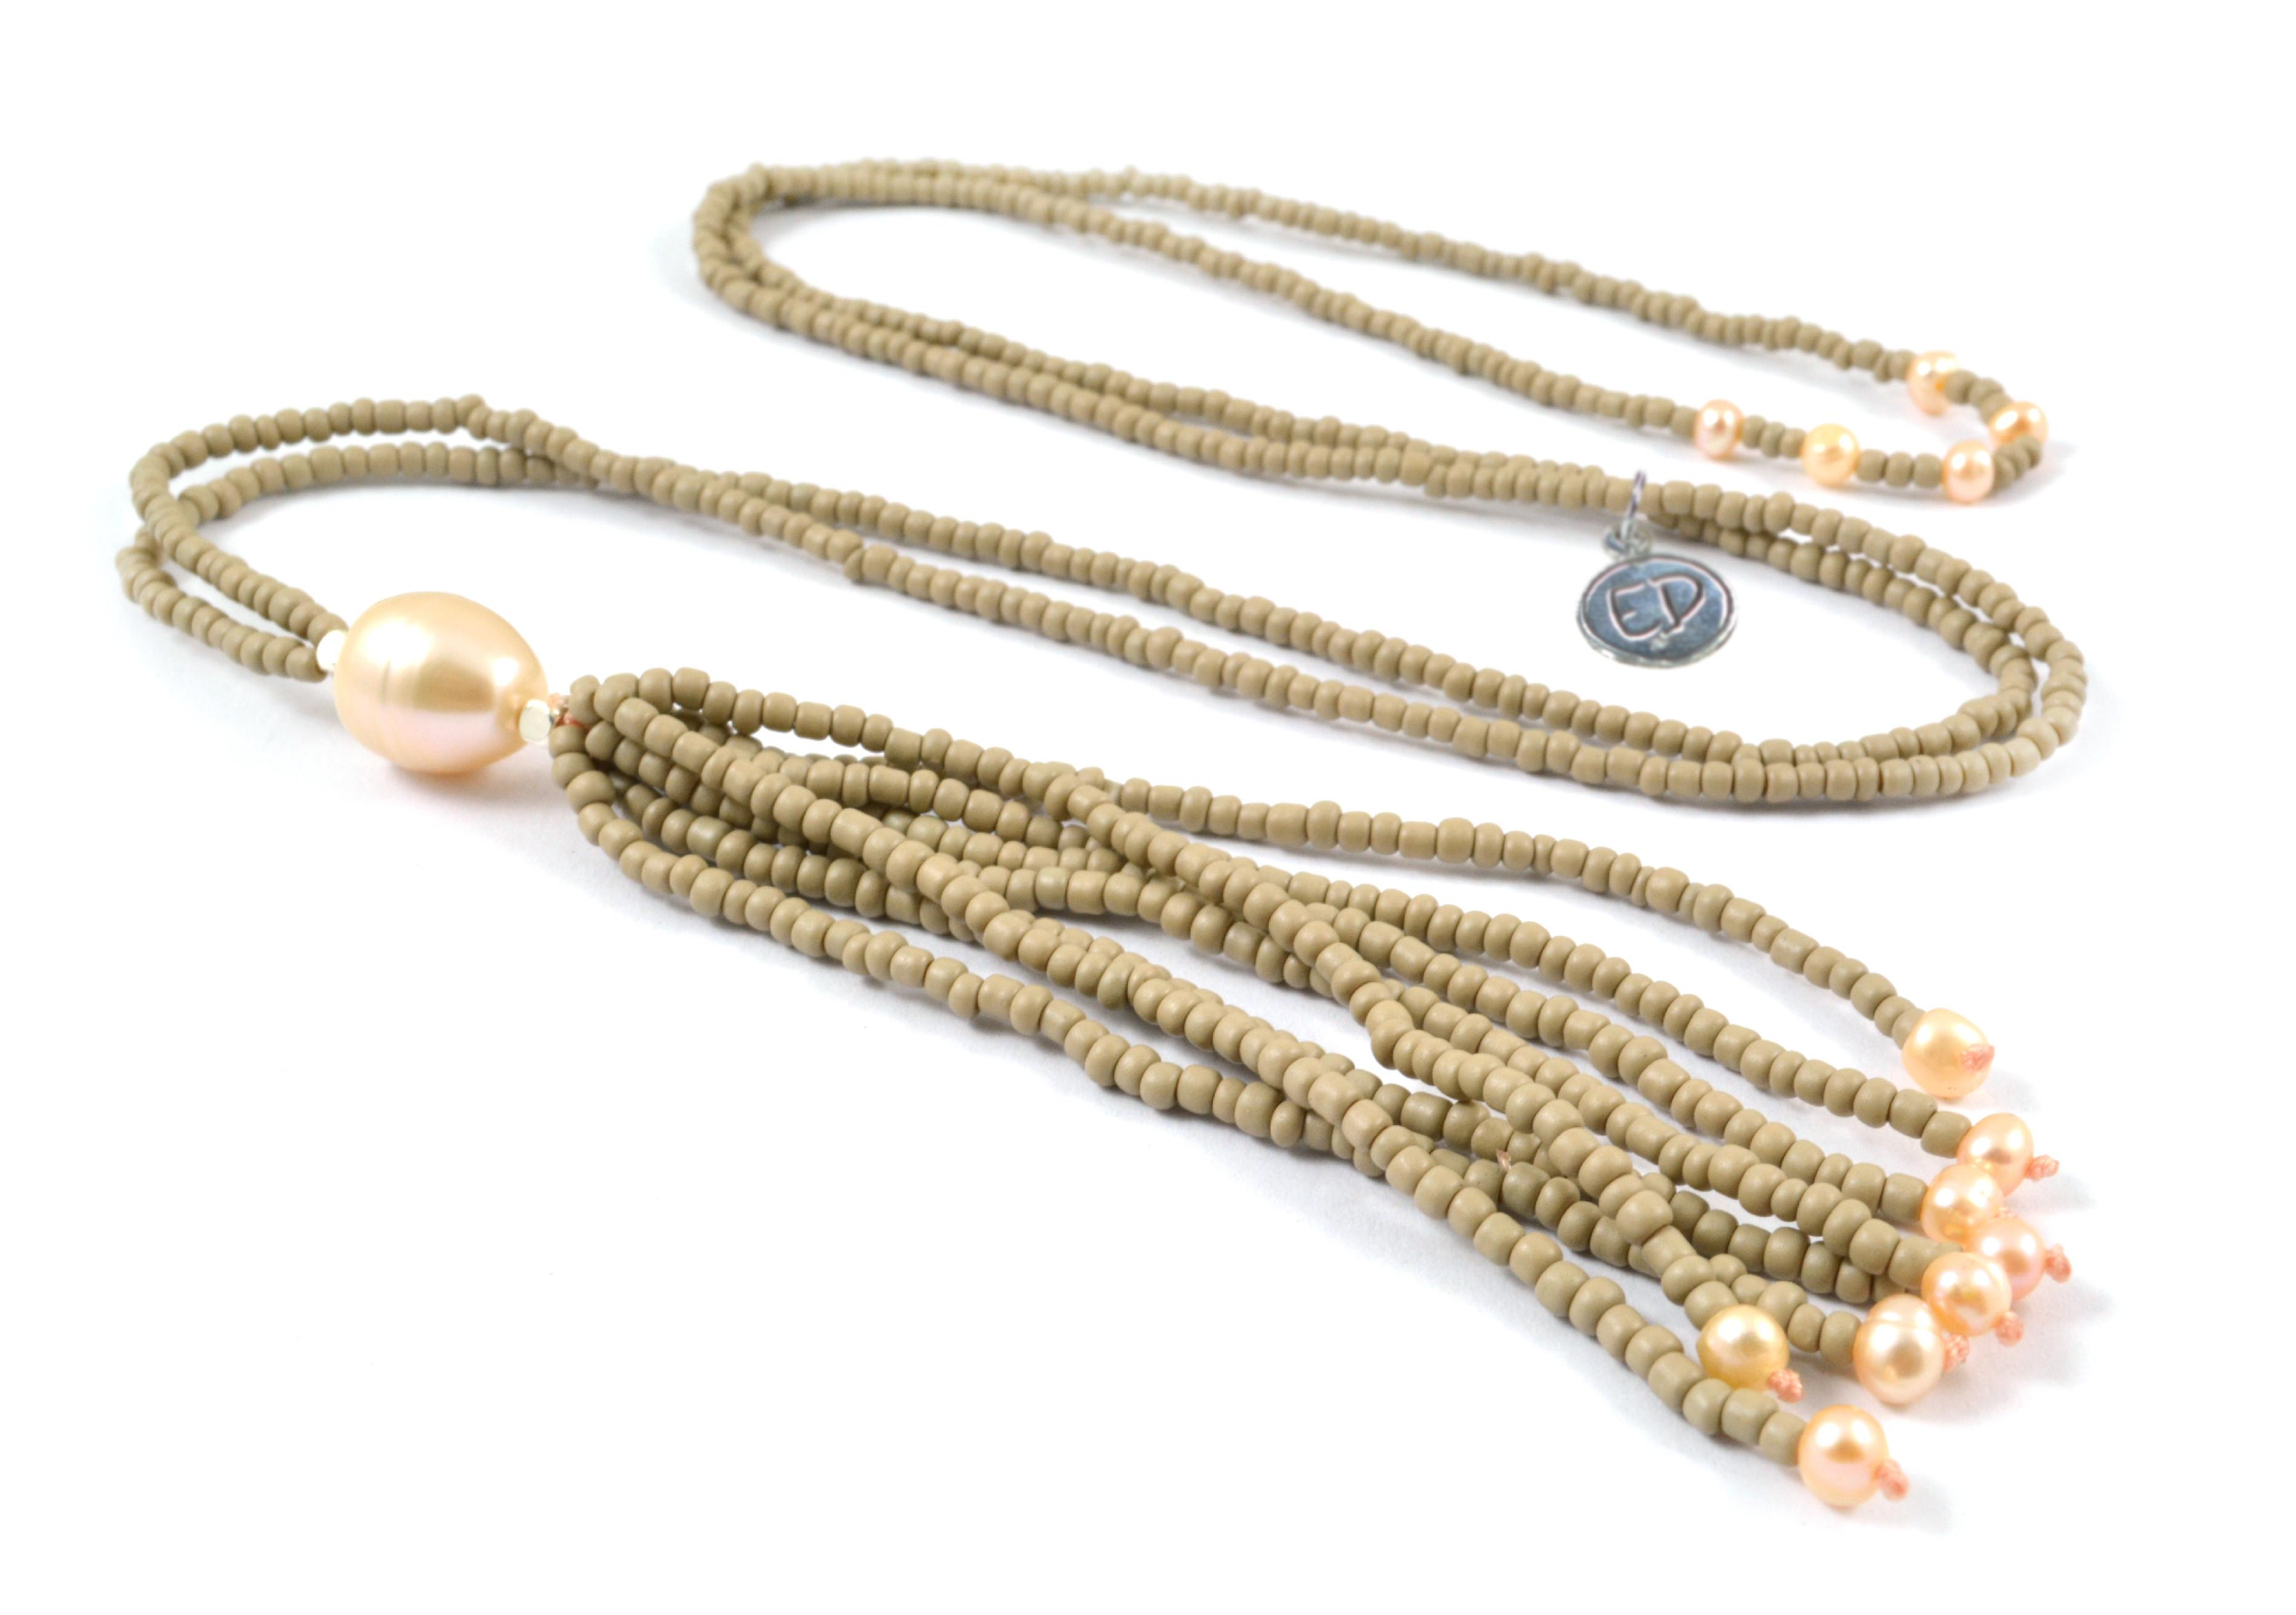 Dámsky korálkový náhrdelník z japonského rokajlu a perál - pieskový